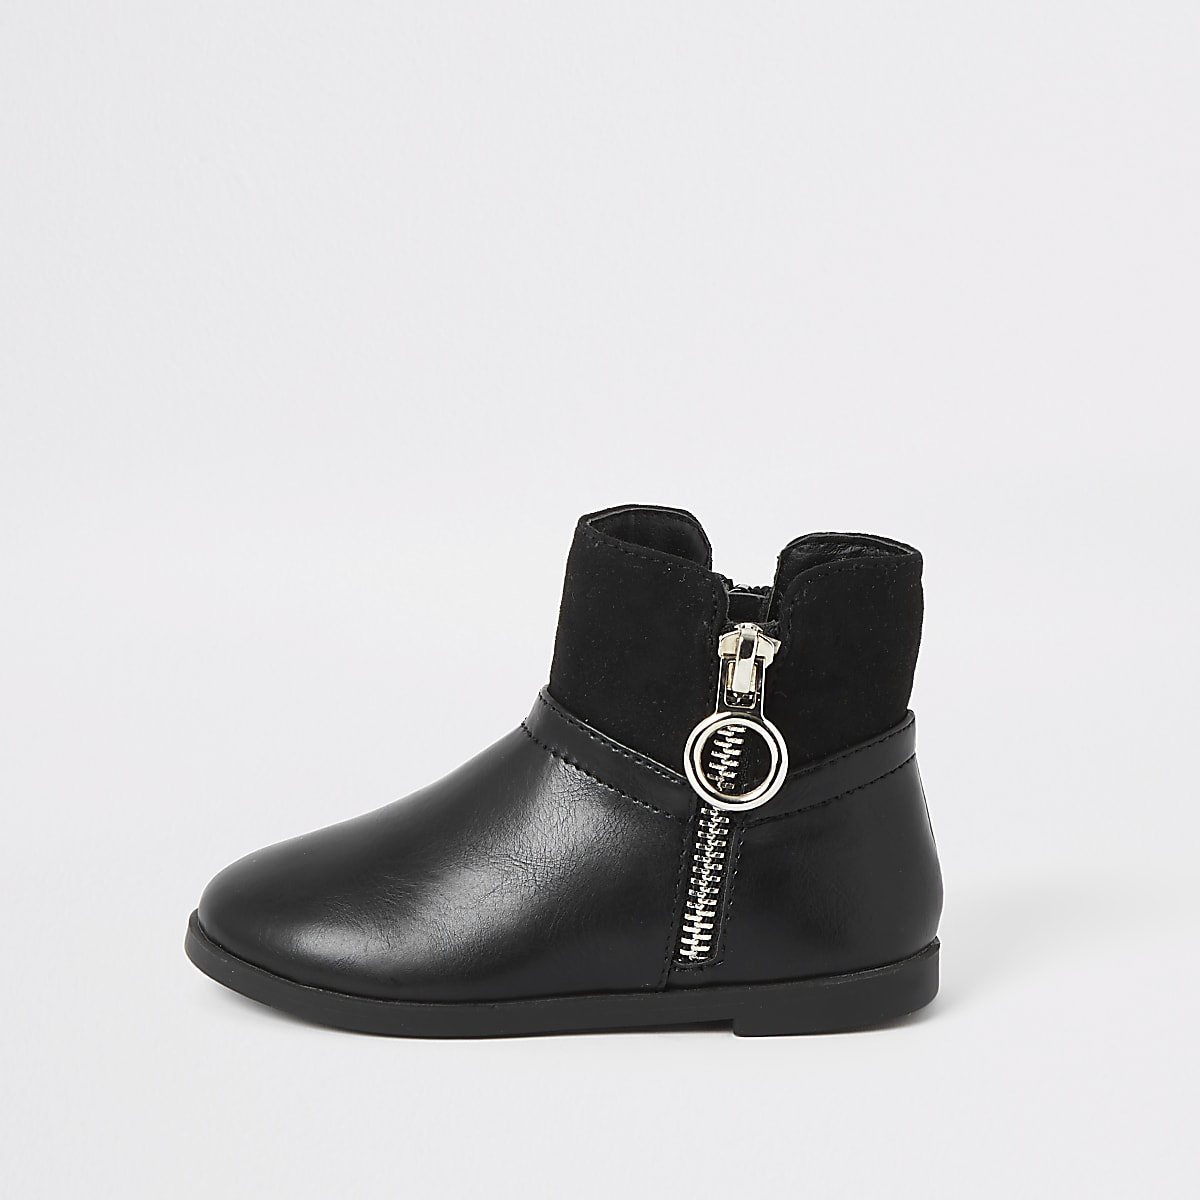 Mini - Zwarte laarzen met cirkel en rits opzij voor meisejs